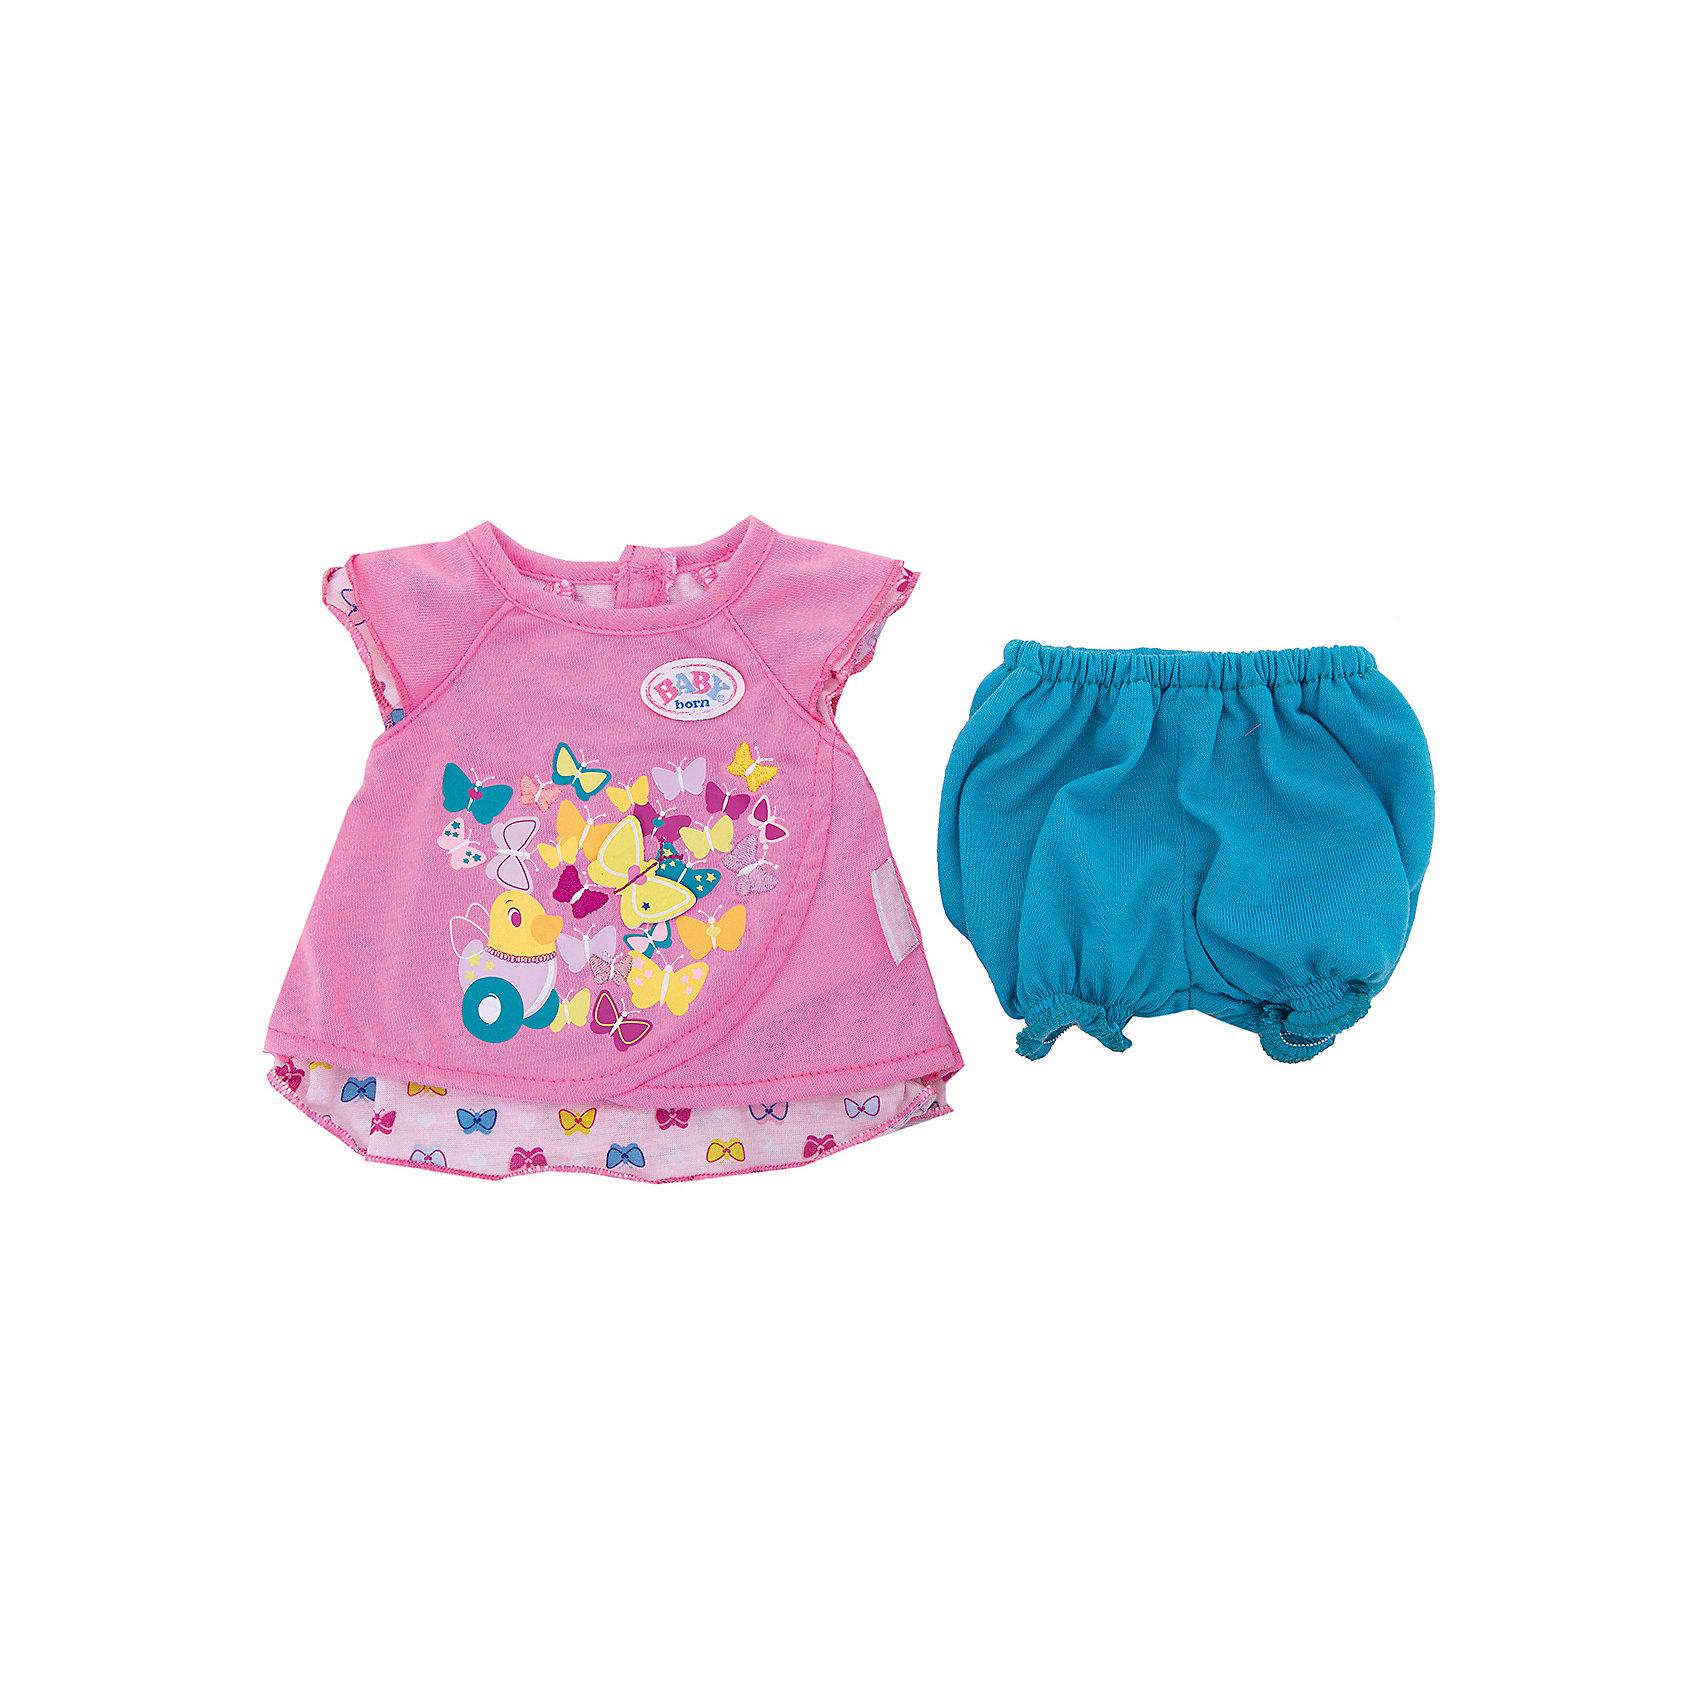 Туника с шортиками, BABY born, розоваяКукольная одежда и аксессуары<br>Характеристики товара:<br><br>• возраст: от 3 лет;<br>• материал: текстиль;<br>• в комплекте: туника, шорты, вешалка;<br>• размер упаковки: 37х30х1,5 см;<br>• вес упаковки: 90 гр.;<br>• страна производитель: Китай.<br><br>Туника с шортиками Baby Born розовая дополнит летний гардероб любимой куколки Baby Born. Набор состоит из розовой туники с рисунком и голубых шортиков. Одежда изготовлена из качественного мягкого материала.<br><br>Тунику с шортиками Baby Born розовую можно приобрести в нашем интернет-магазине.<br><br>Ширина мм: 15<br>Глубина мм: 370<br>Высота мм: 300<br>Вес г: 92<br>Возраст от месяцев: 36<br>Возраст до месяцев: 2147483647<br>Пол: Женский<br>Возраст: Детский<br>SKU: 6835728